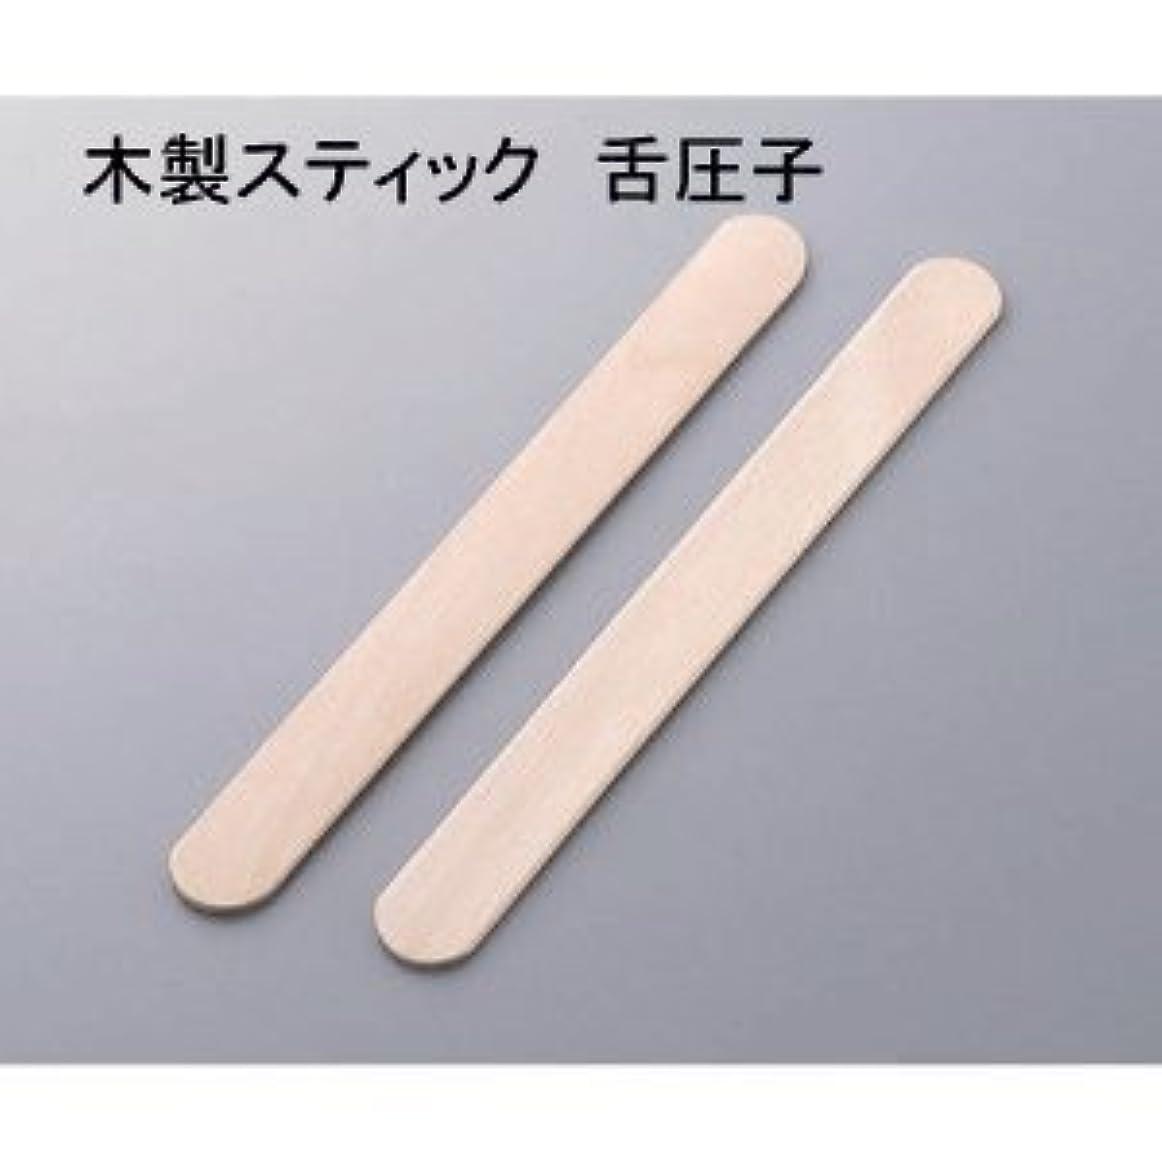 マットレストラップ満足木製舌圧子150mm スパチュラ 脱毛 ハダカ 50本